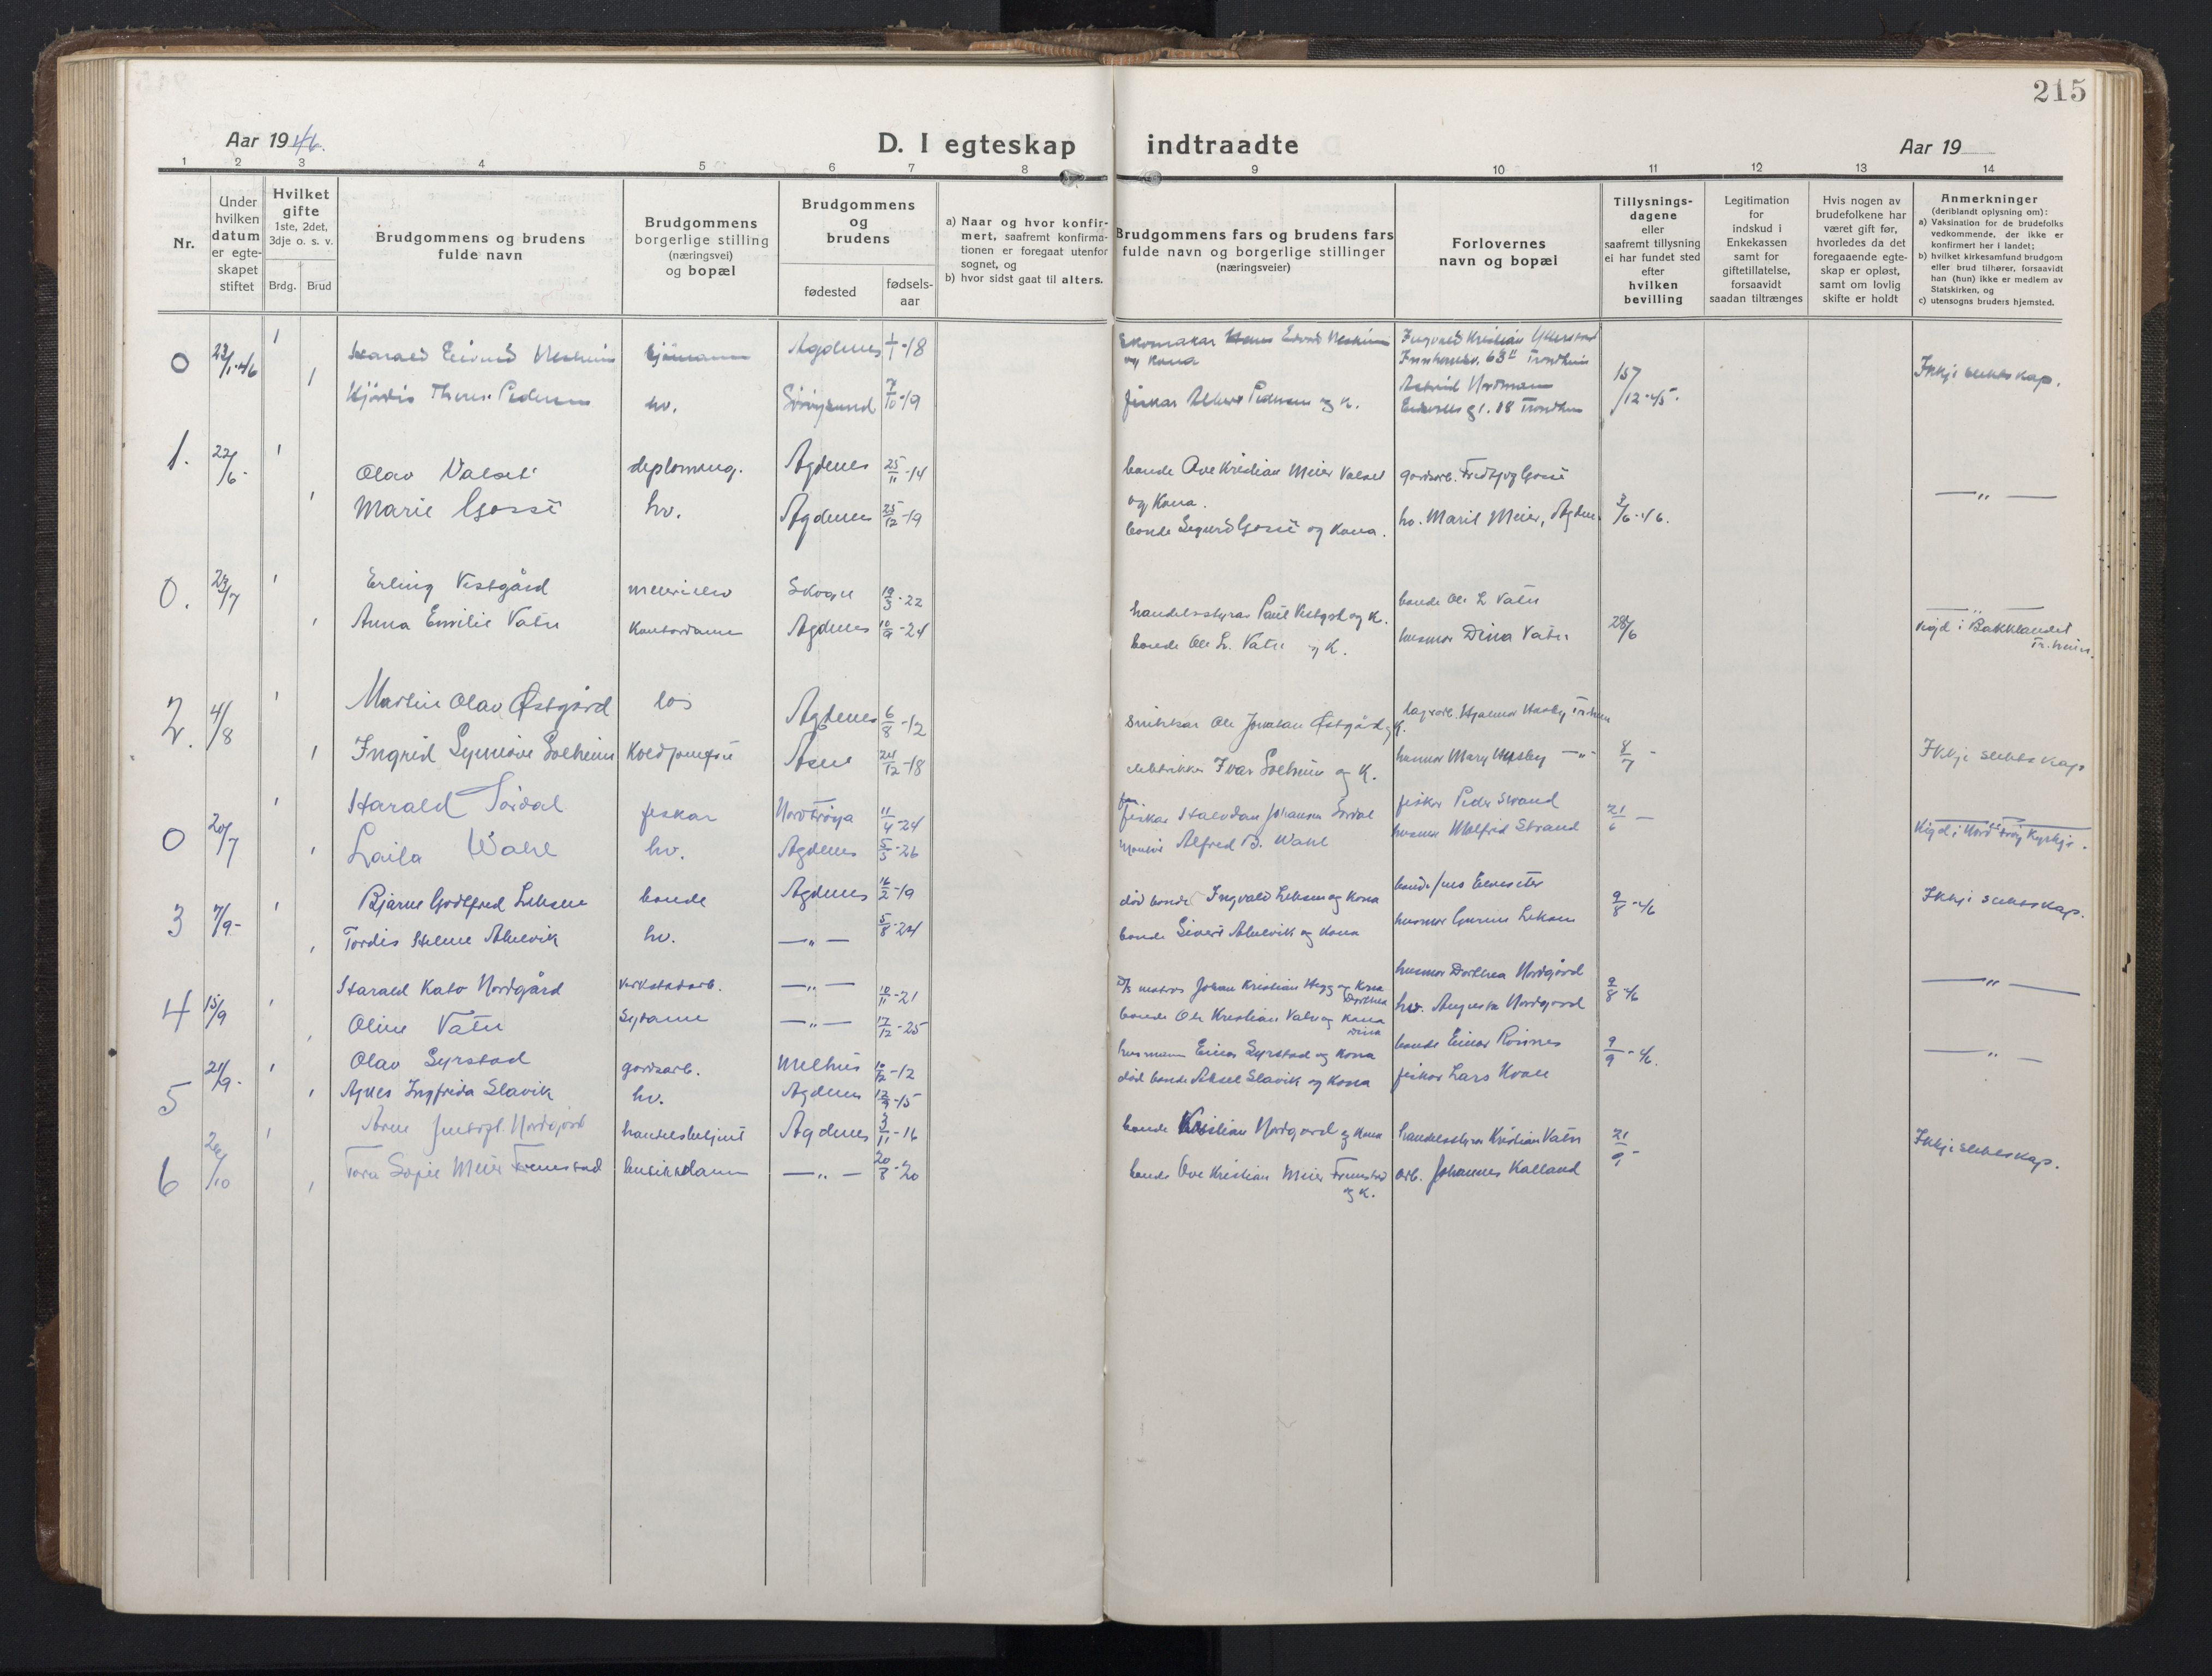 SAT, Ministerialprotokoller, klokkerbøker og fødselsregistre - Sør-Trøndelag, 662/L0758: Klokkerbok nr. 662C03, 1918-1948, s. 215